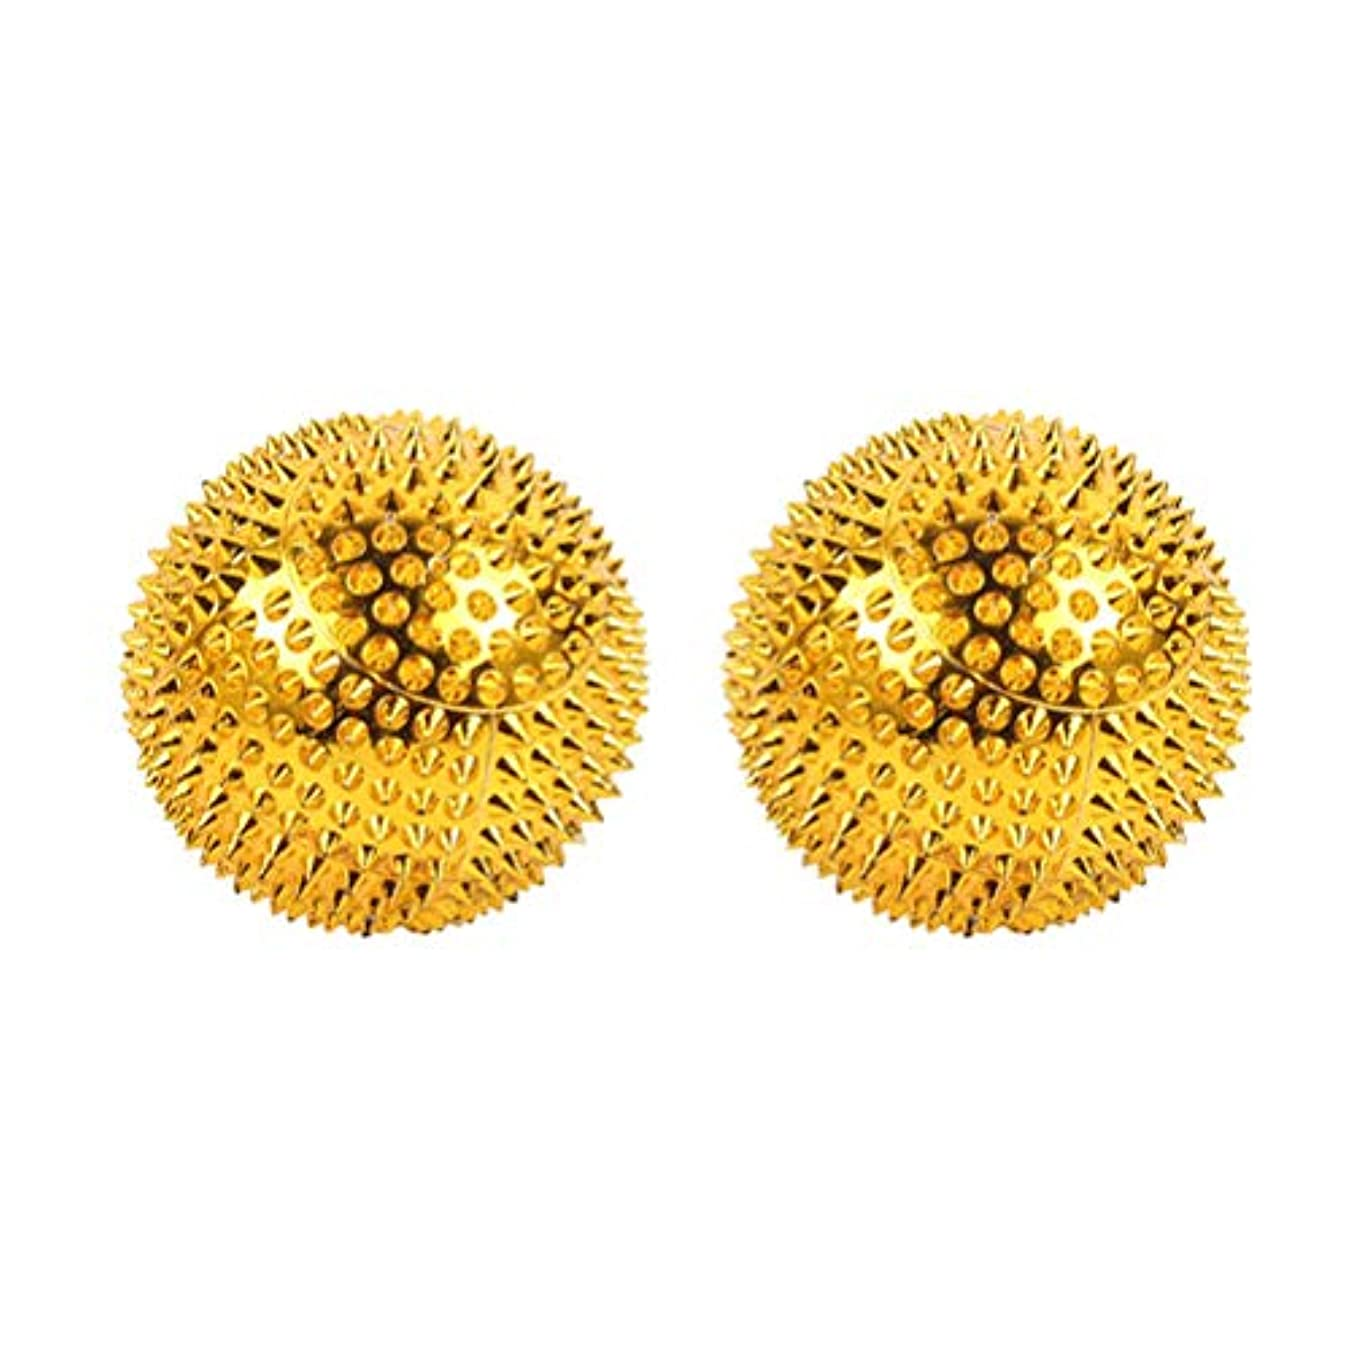 直感マッシュ協同Healifty ボディマッサージャーボール2本磁気ローリングマッサージボールとがった鍼灸ボール指圧マッサージ(ゴールデン)